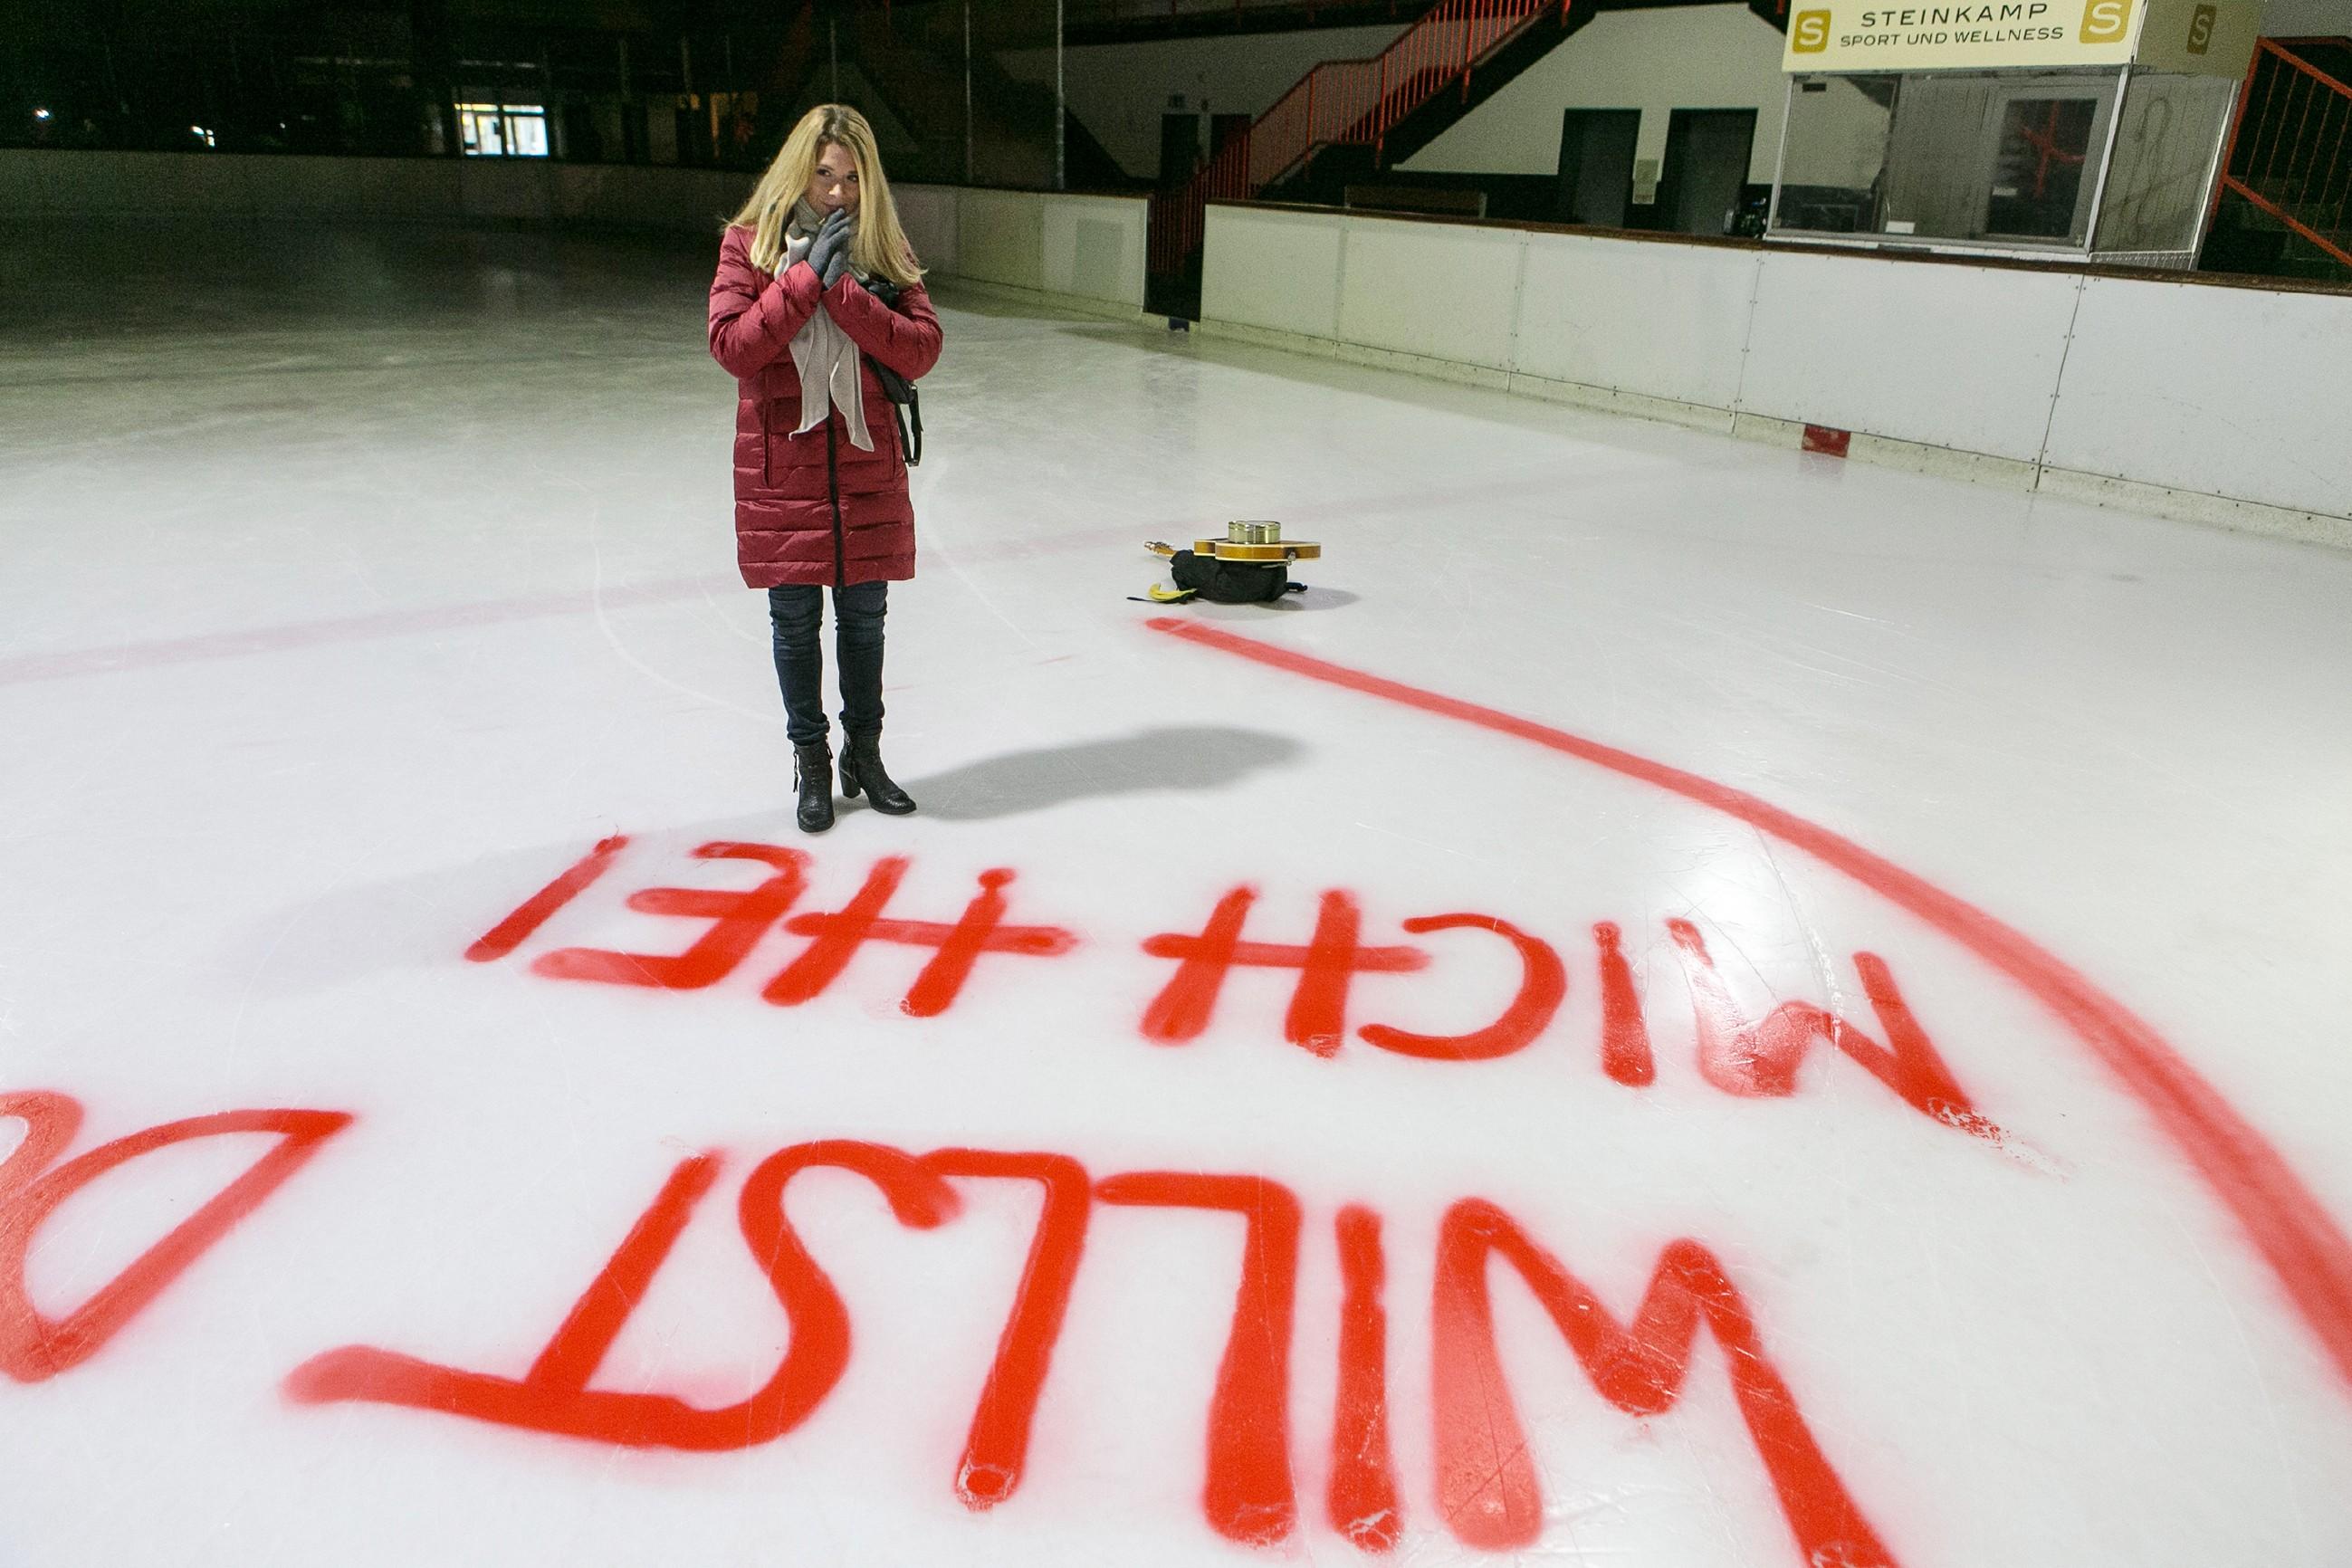 Diana (Tanja Szewczenko) wundert sich, wo Ingo steckt und was es mit dem halbfertigen Heiratsantrag auf dem Eis auf sich hat...